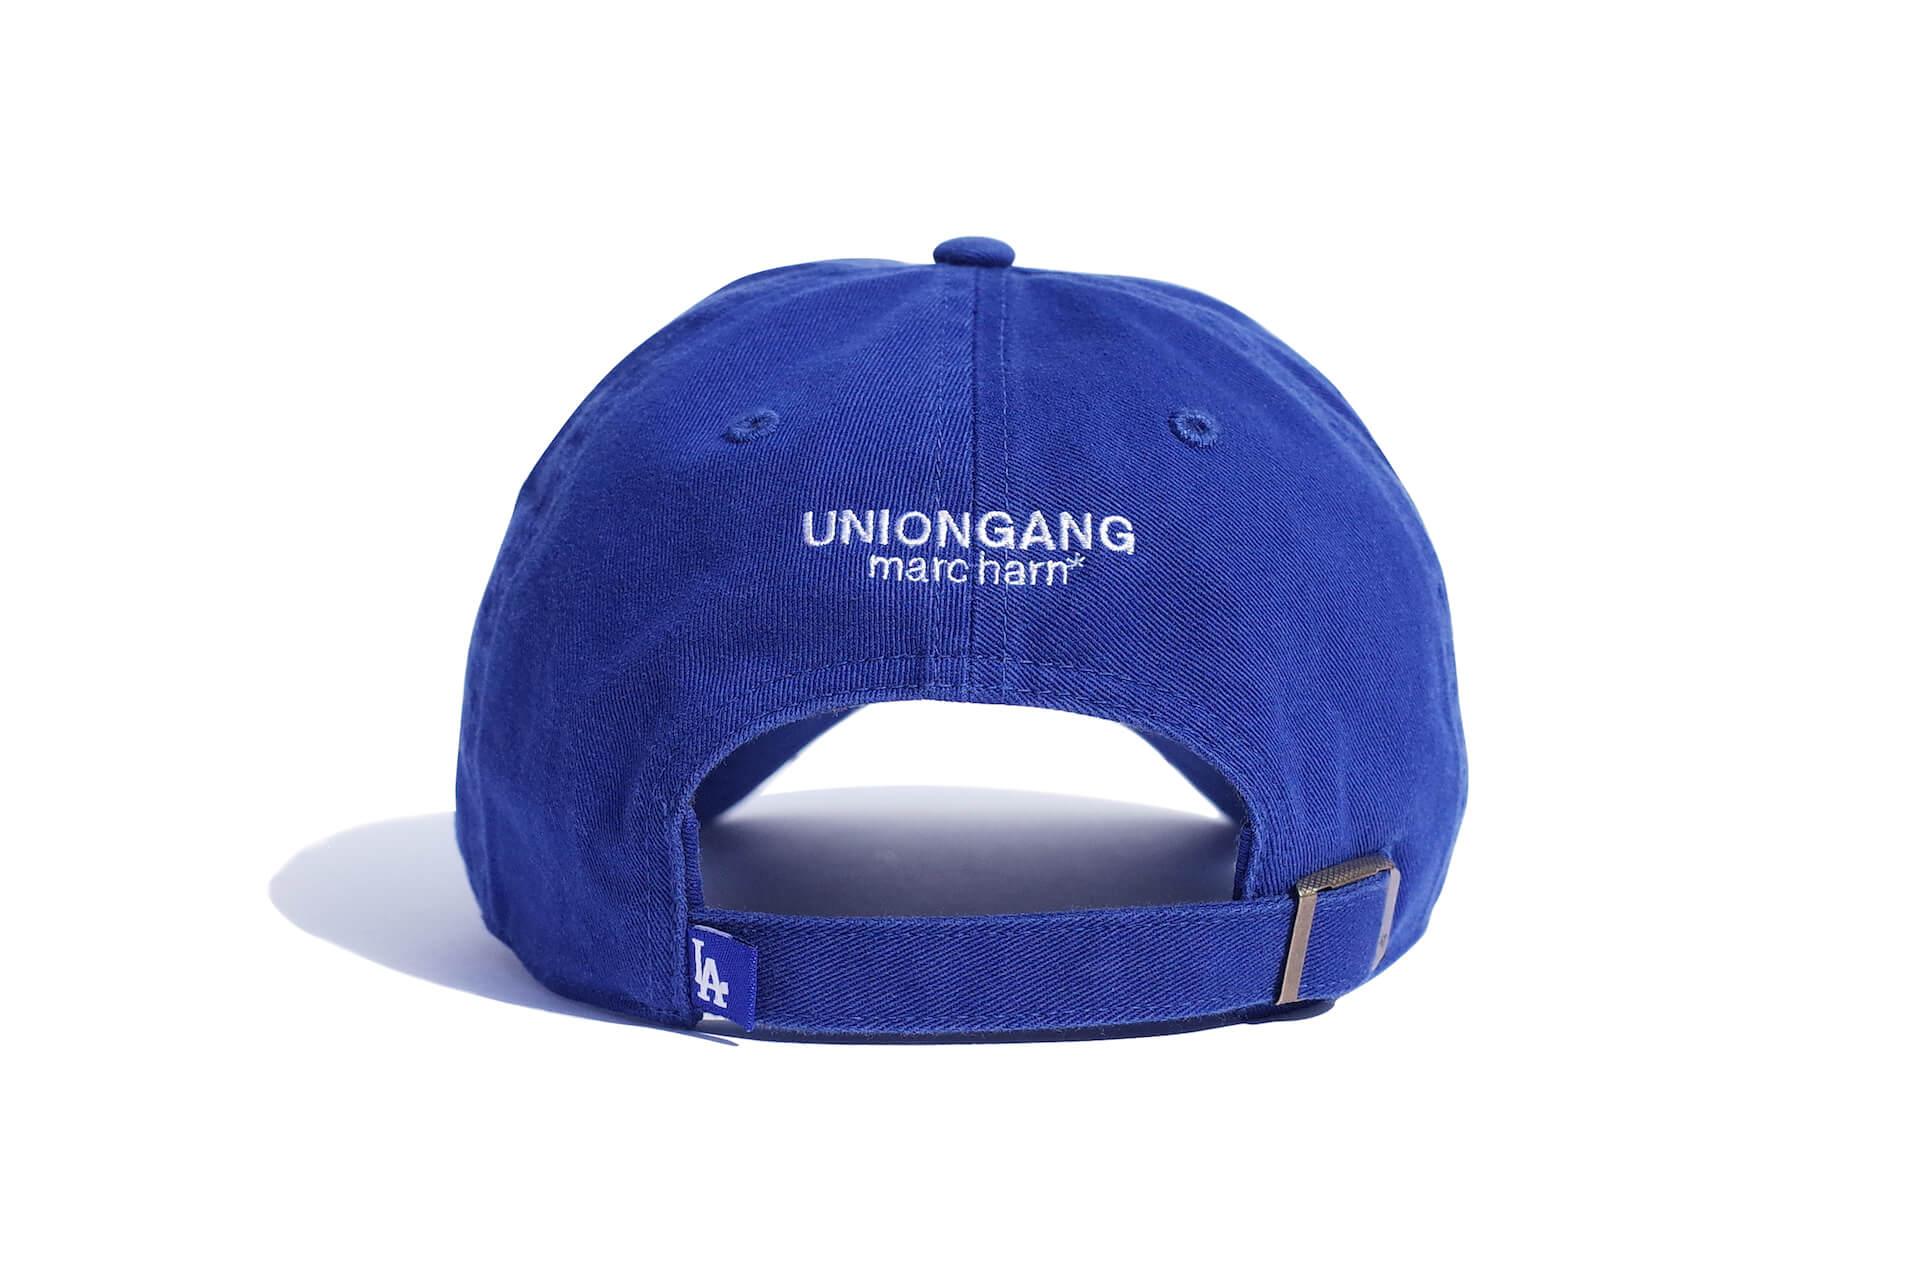 MARC HARNより架空国家「UNIONGANG」をコンセプトにした新コレクションが登場! life210608_marcharn_8